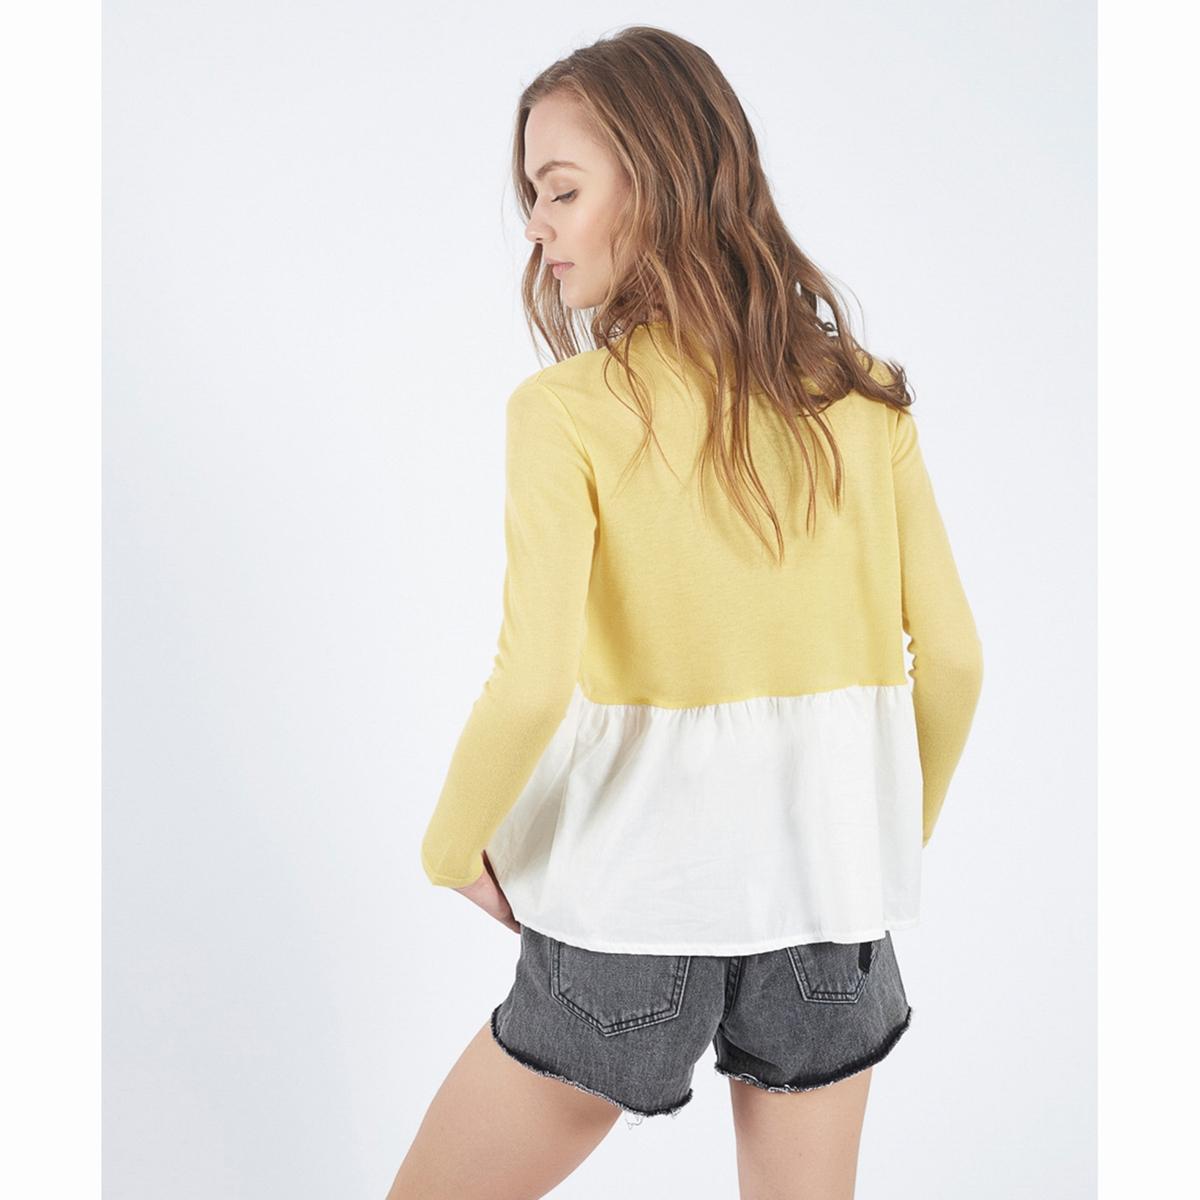 Пуловер двухцветный Amarillo StonemСостав и описаниеМатериал : 85% вискозы, 15% полиэстераМарка : Compania FantasticaМодель : Jersey Amarillo StonemУходСледуйте рекомендациям по уходу, указанным на этикетке изделия.<br><br>Цвет: желтый<br>Размер: S